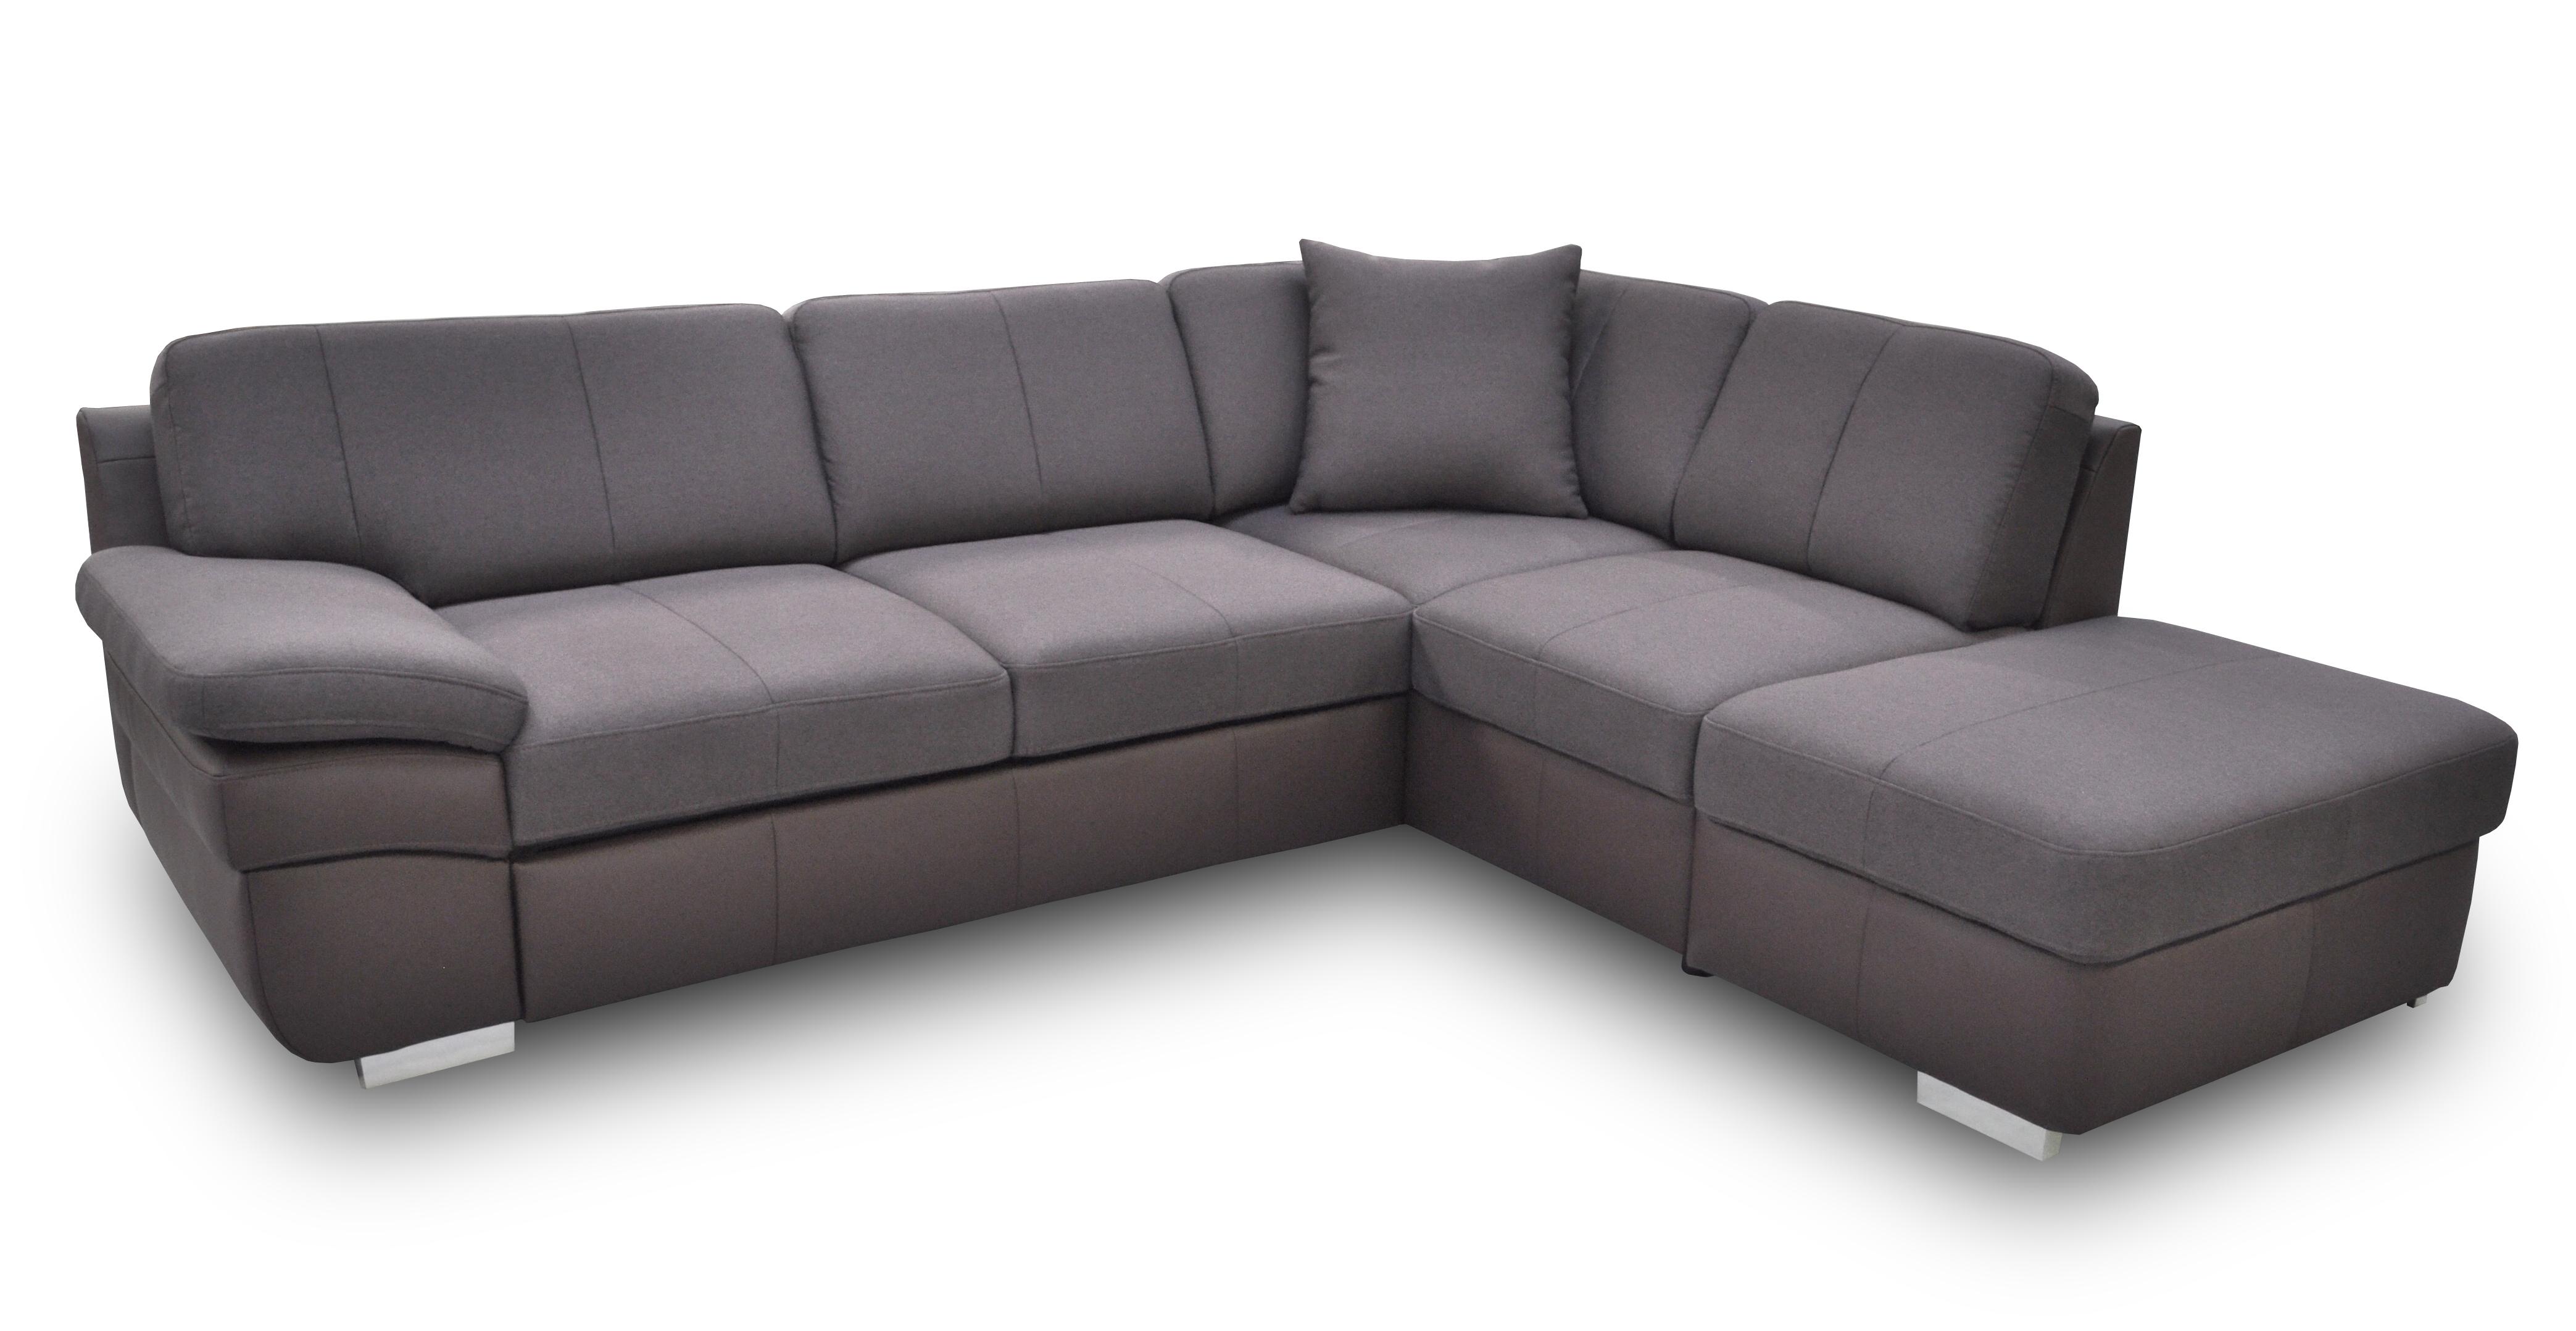 Rohová sedací souprava - BRW - Mon 1 (hnědá) (L)